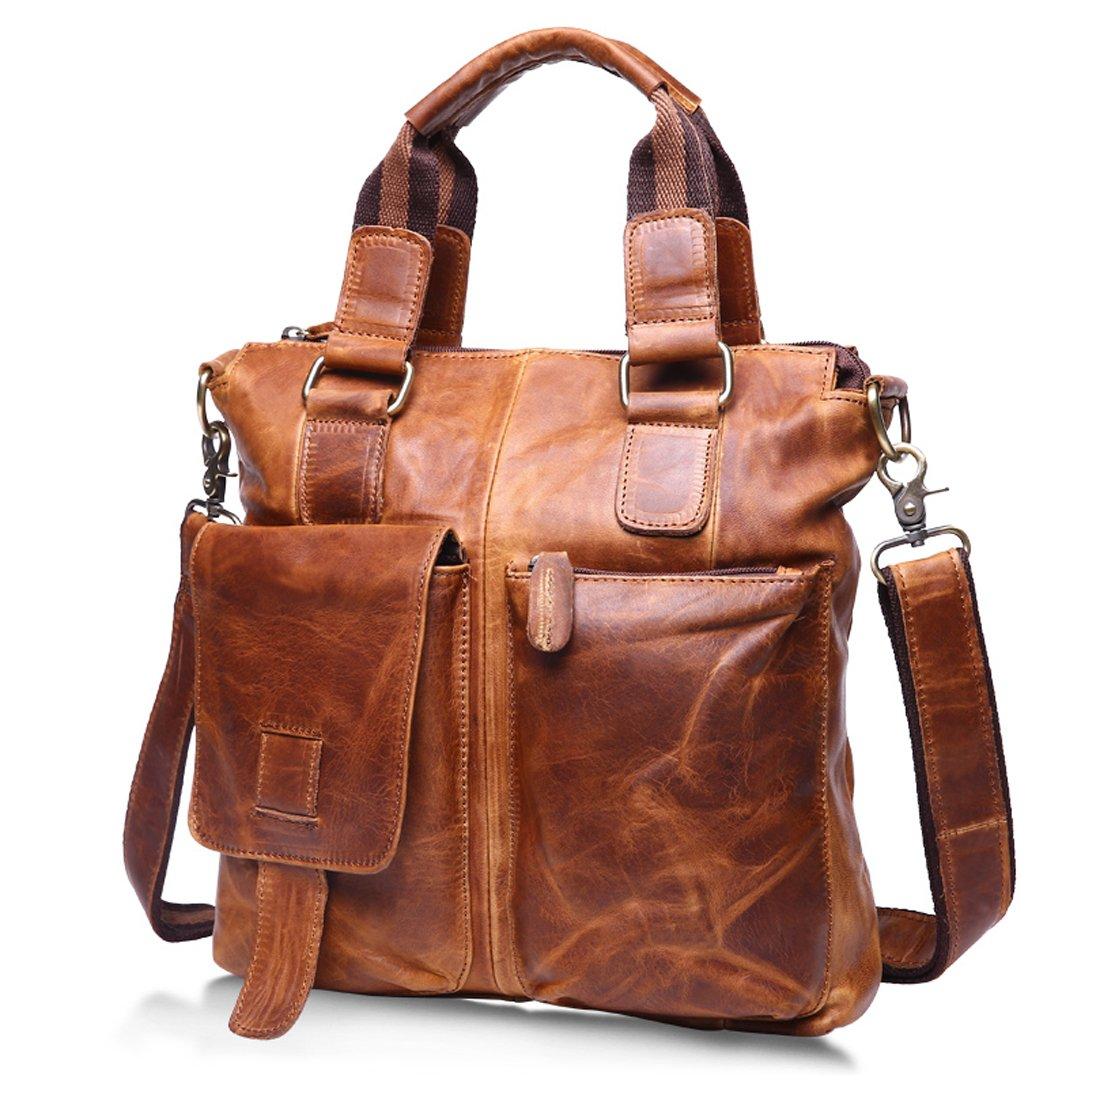 Vintage Crazy Horse Genuine Leather Briefcase Handbag Shoulder Bag for Men light brown